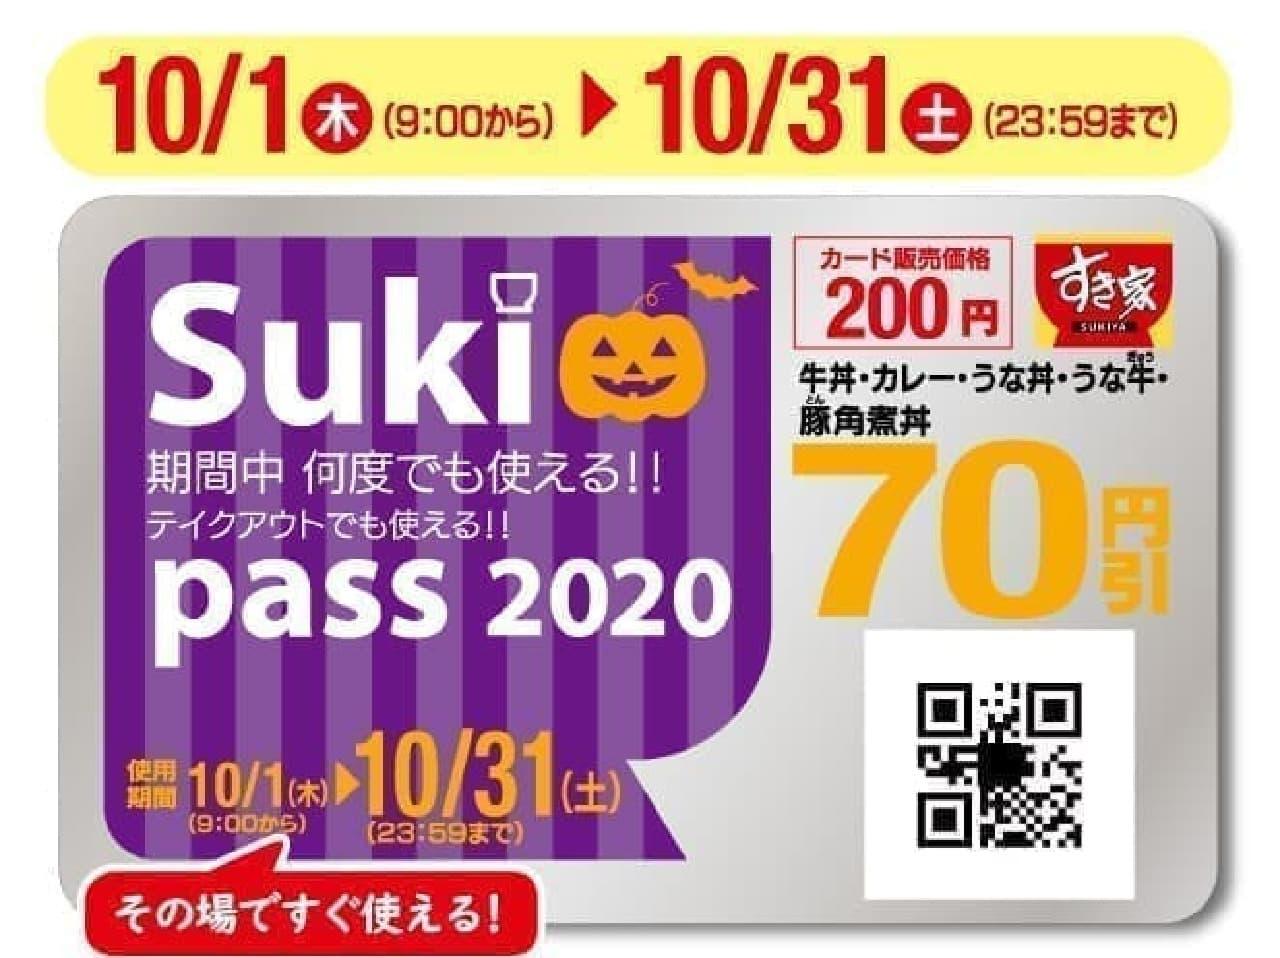 すき家「Suki pass(スキパス)」